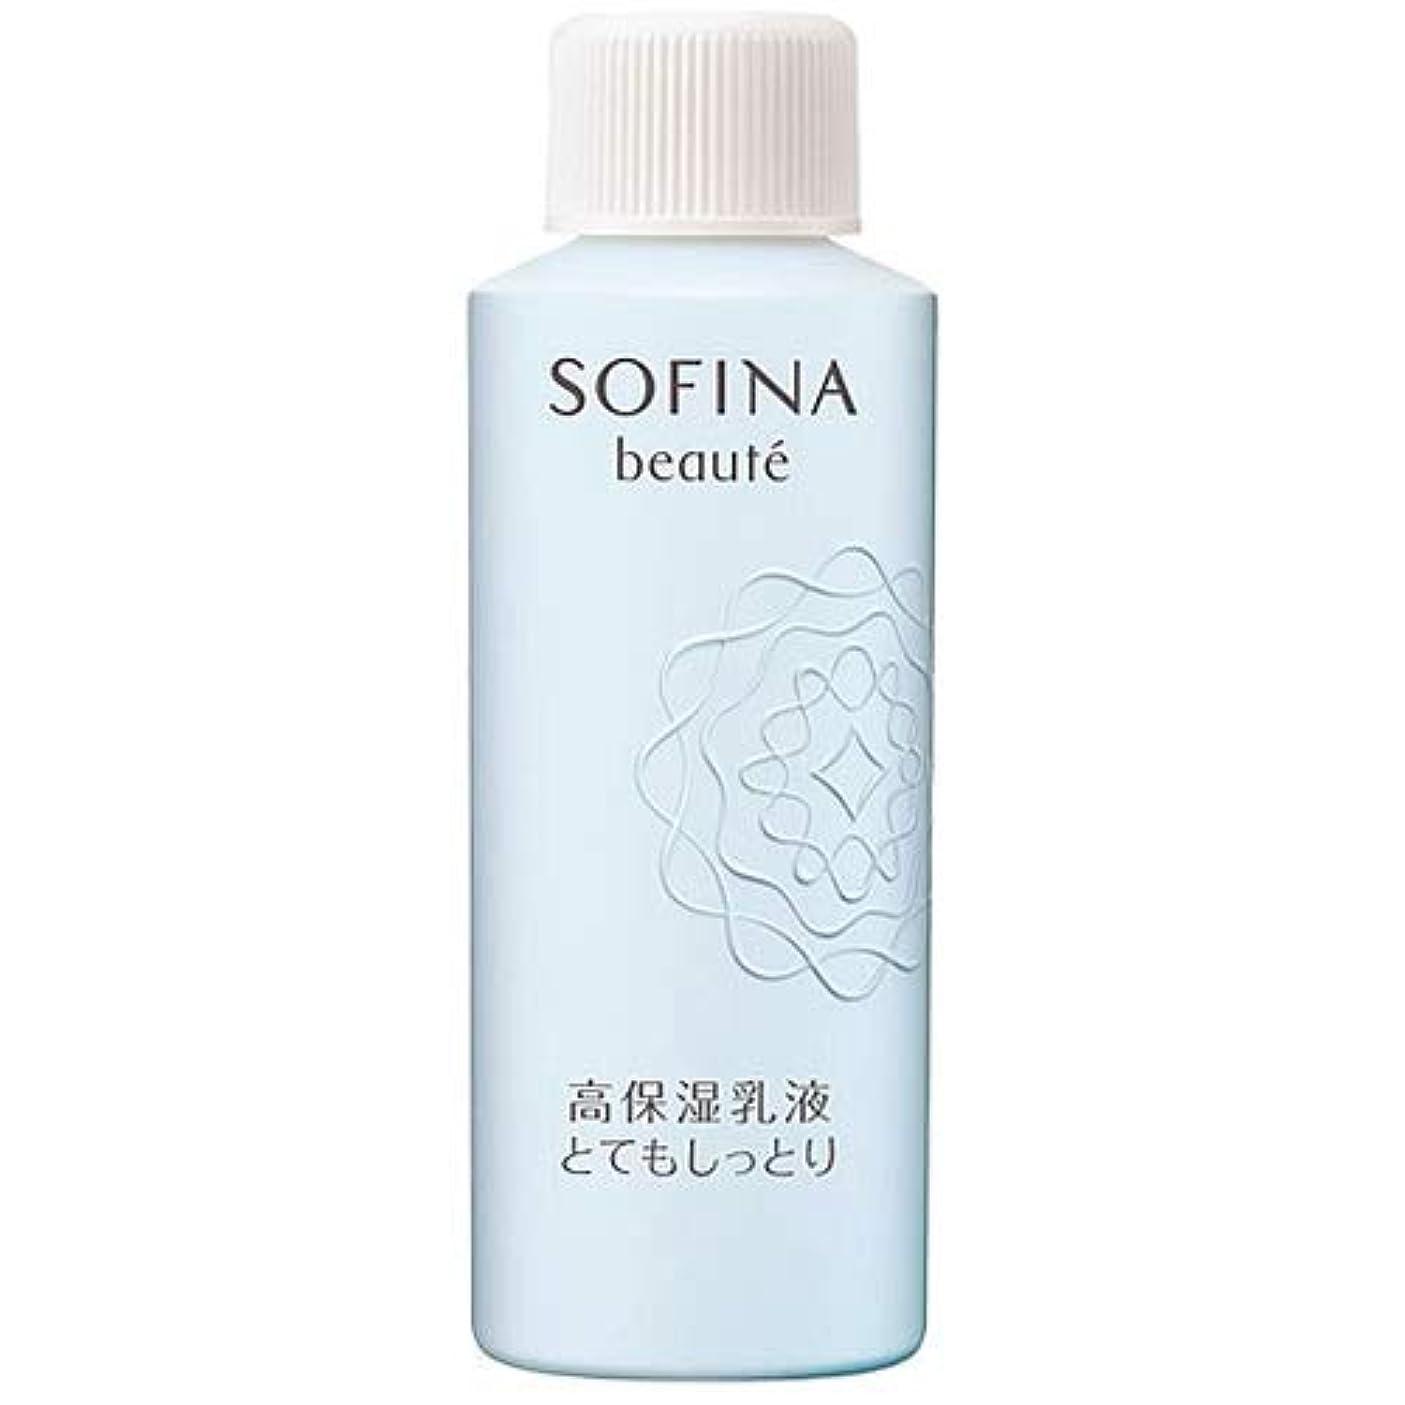 並外れて他の日抑圧するソフィーナ ボーテ 高保湿乳液 とてもしっとり つけかえ用レフィル 60g [並行輸入品]